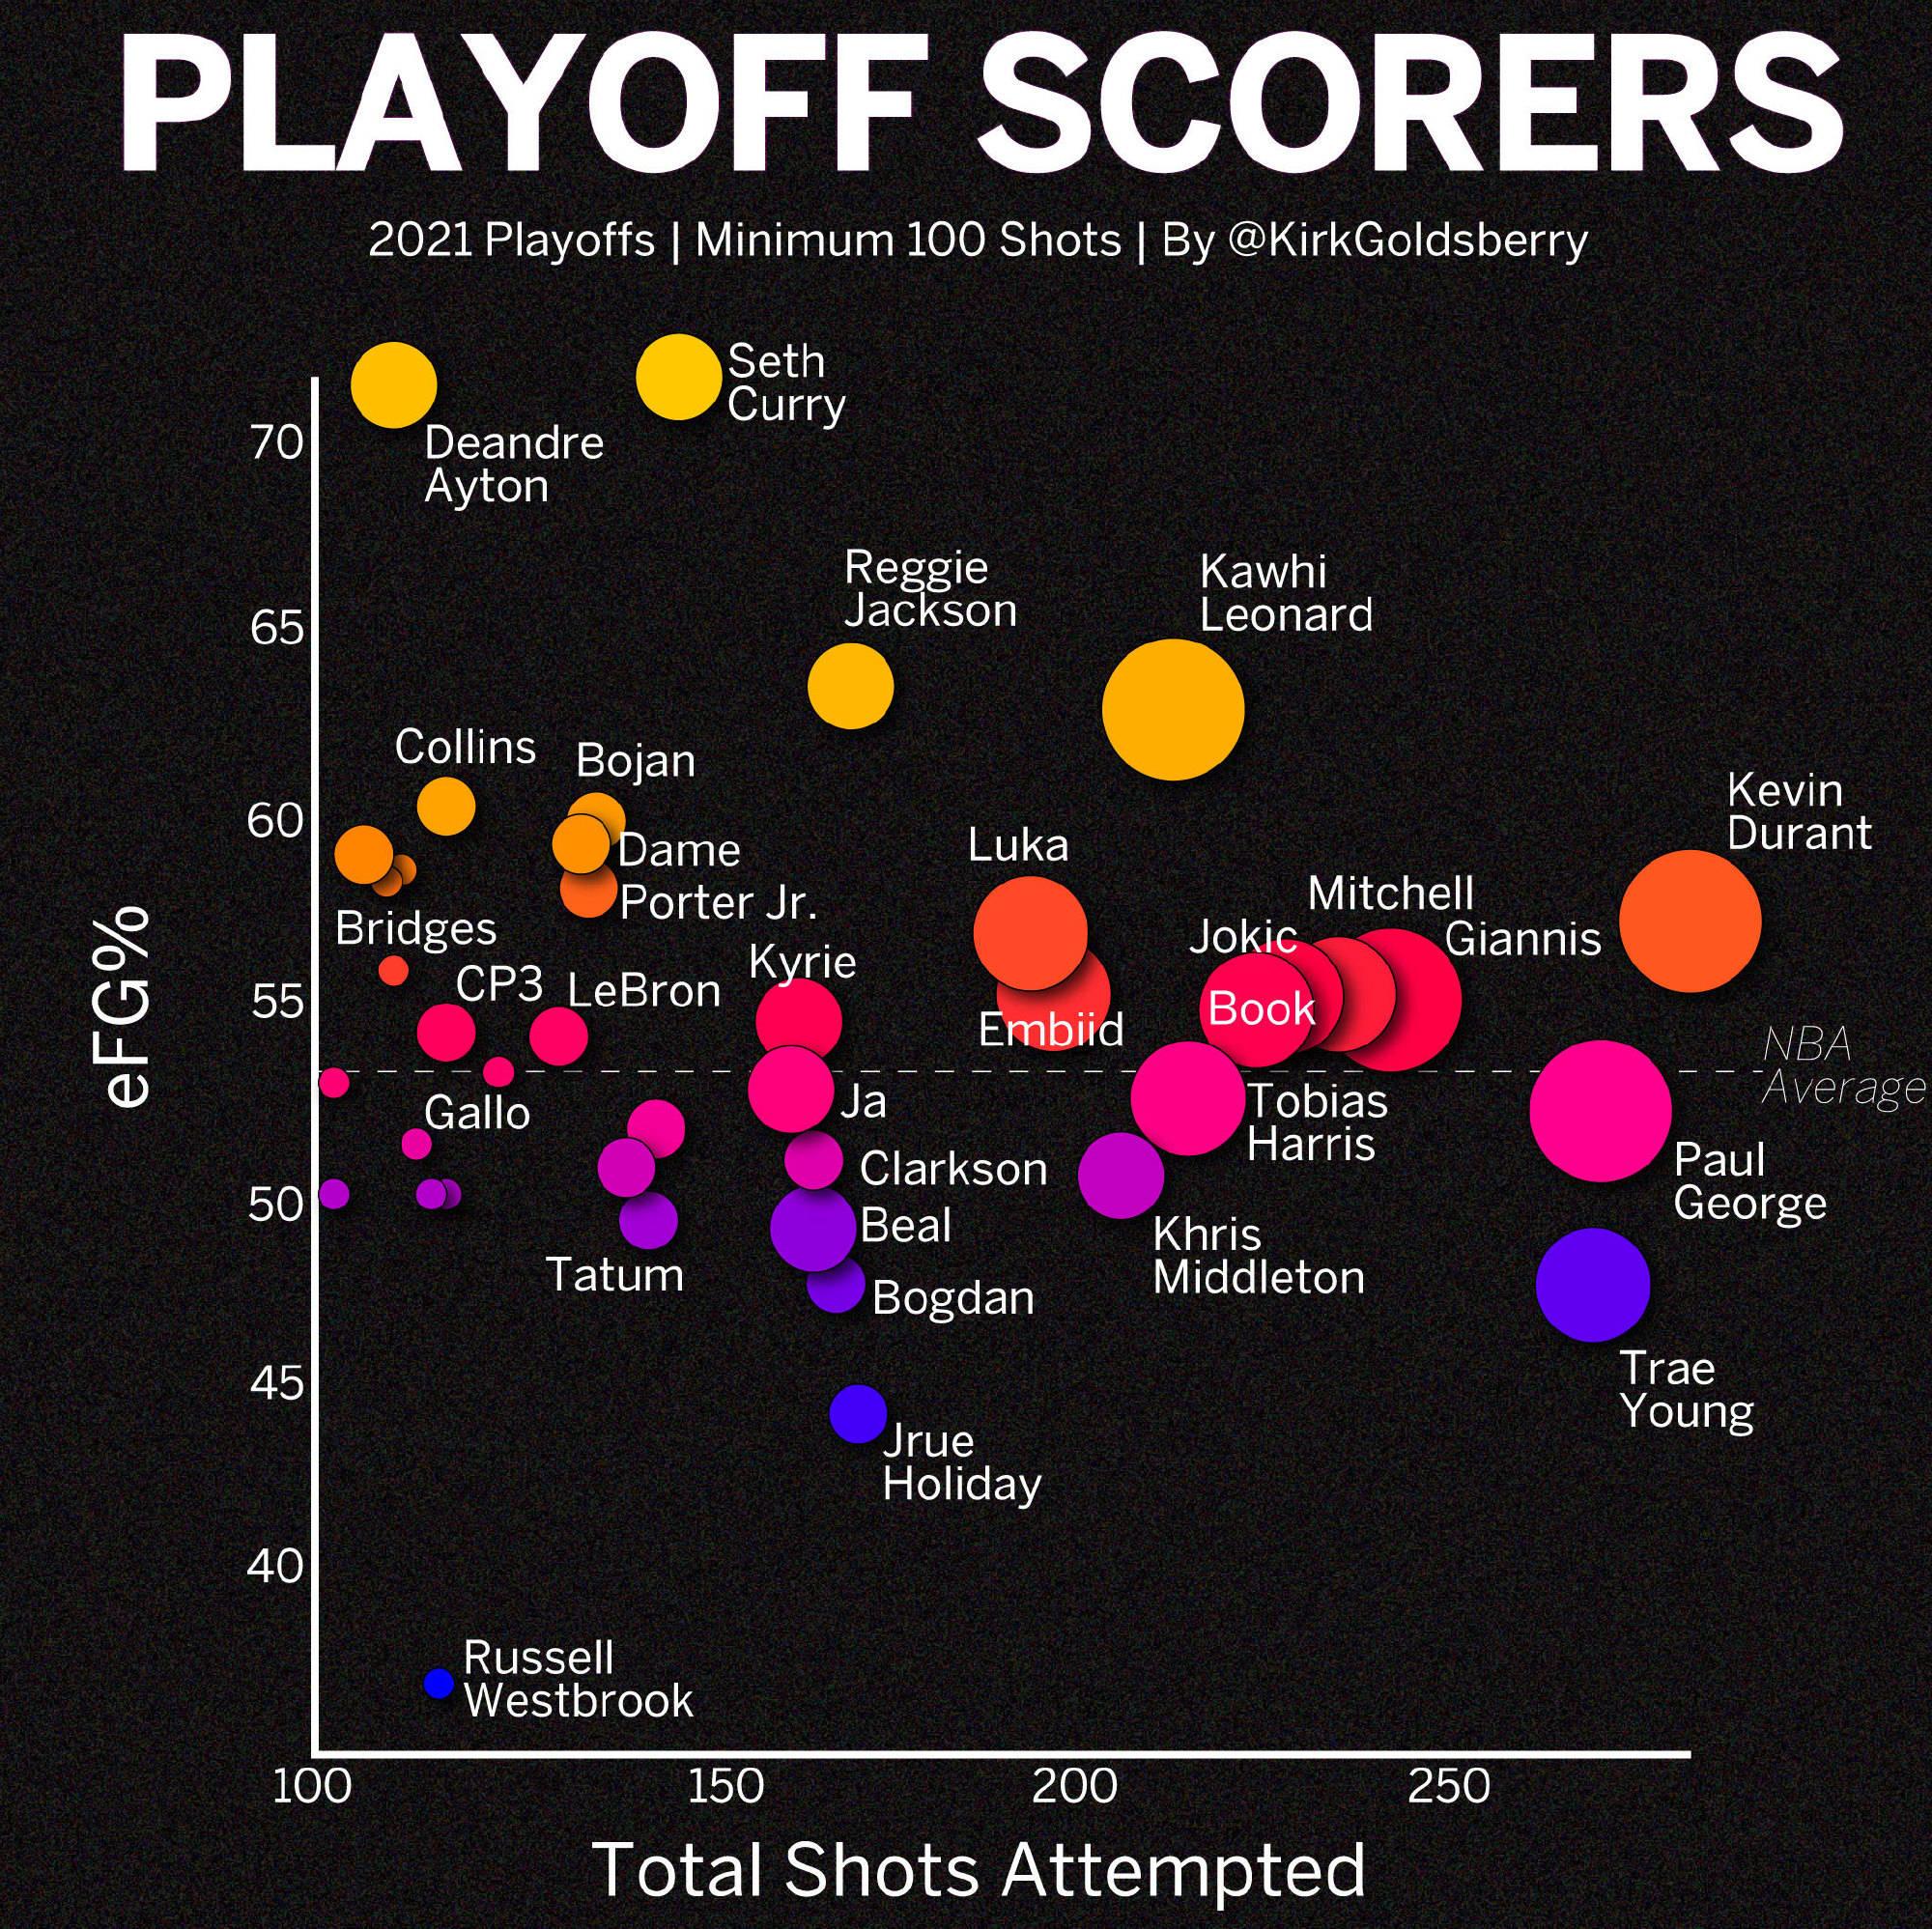 季后赛有效命中率小库里联盟第一 杜兰特效率惊人